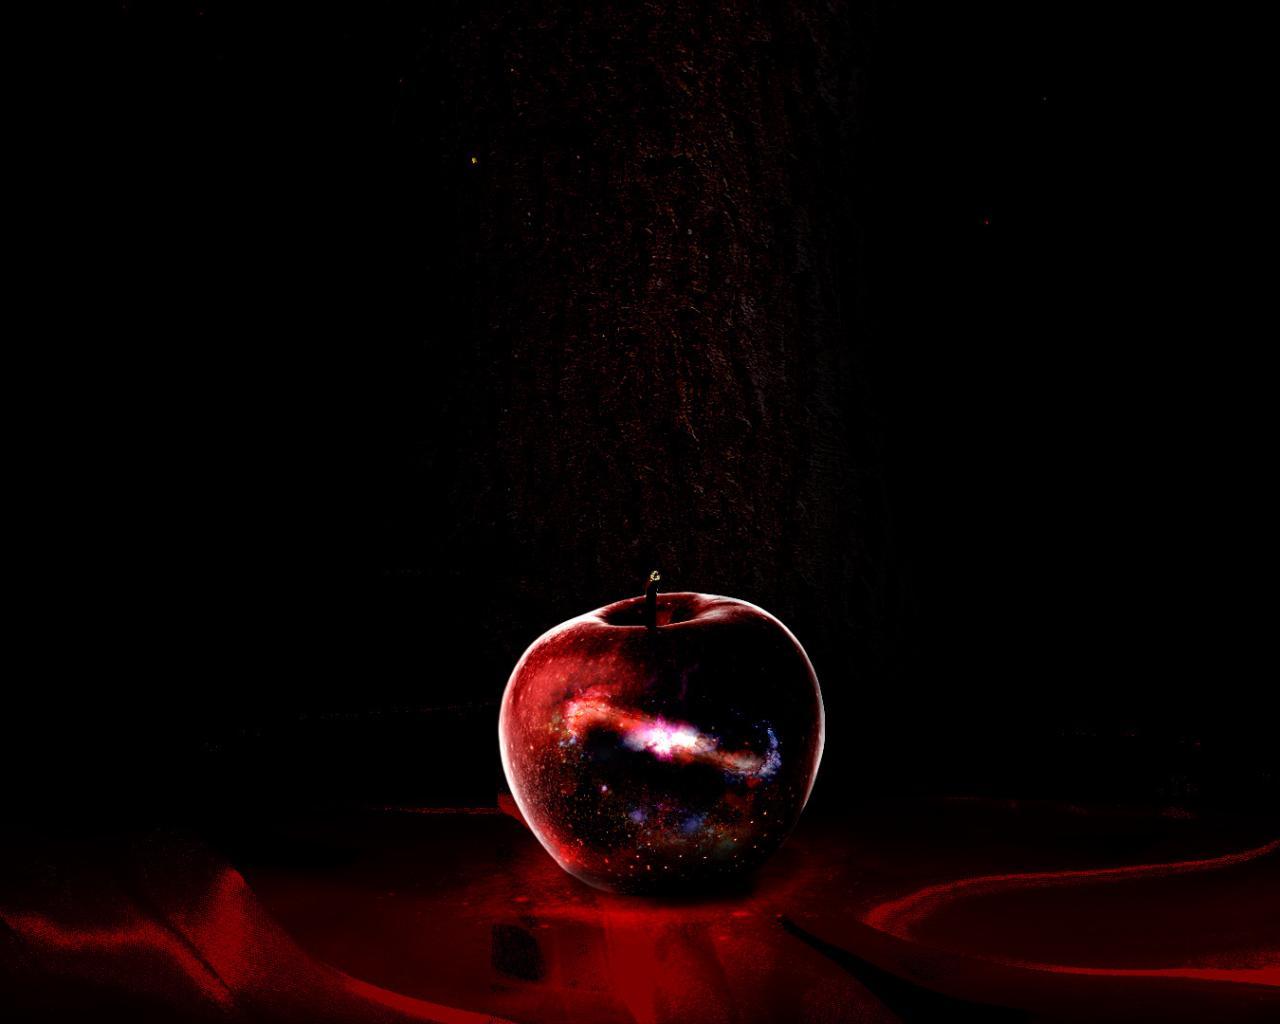 Яблоко искушение красота обои для